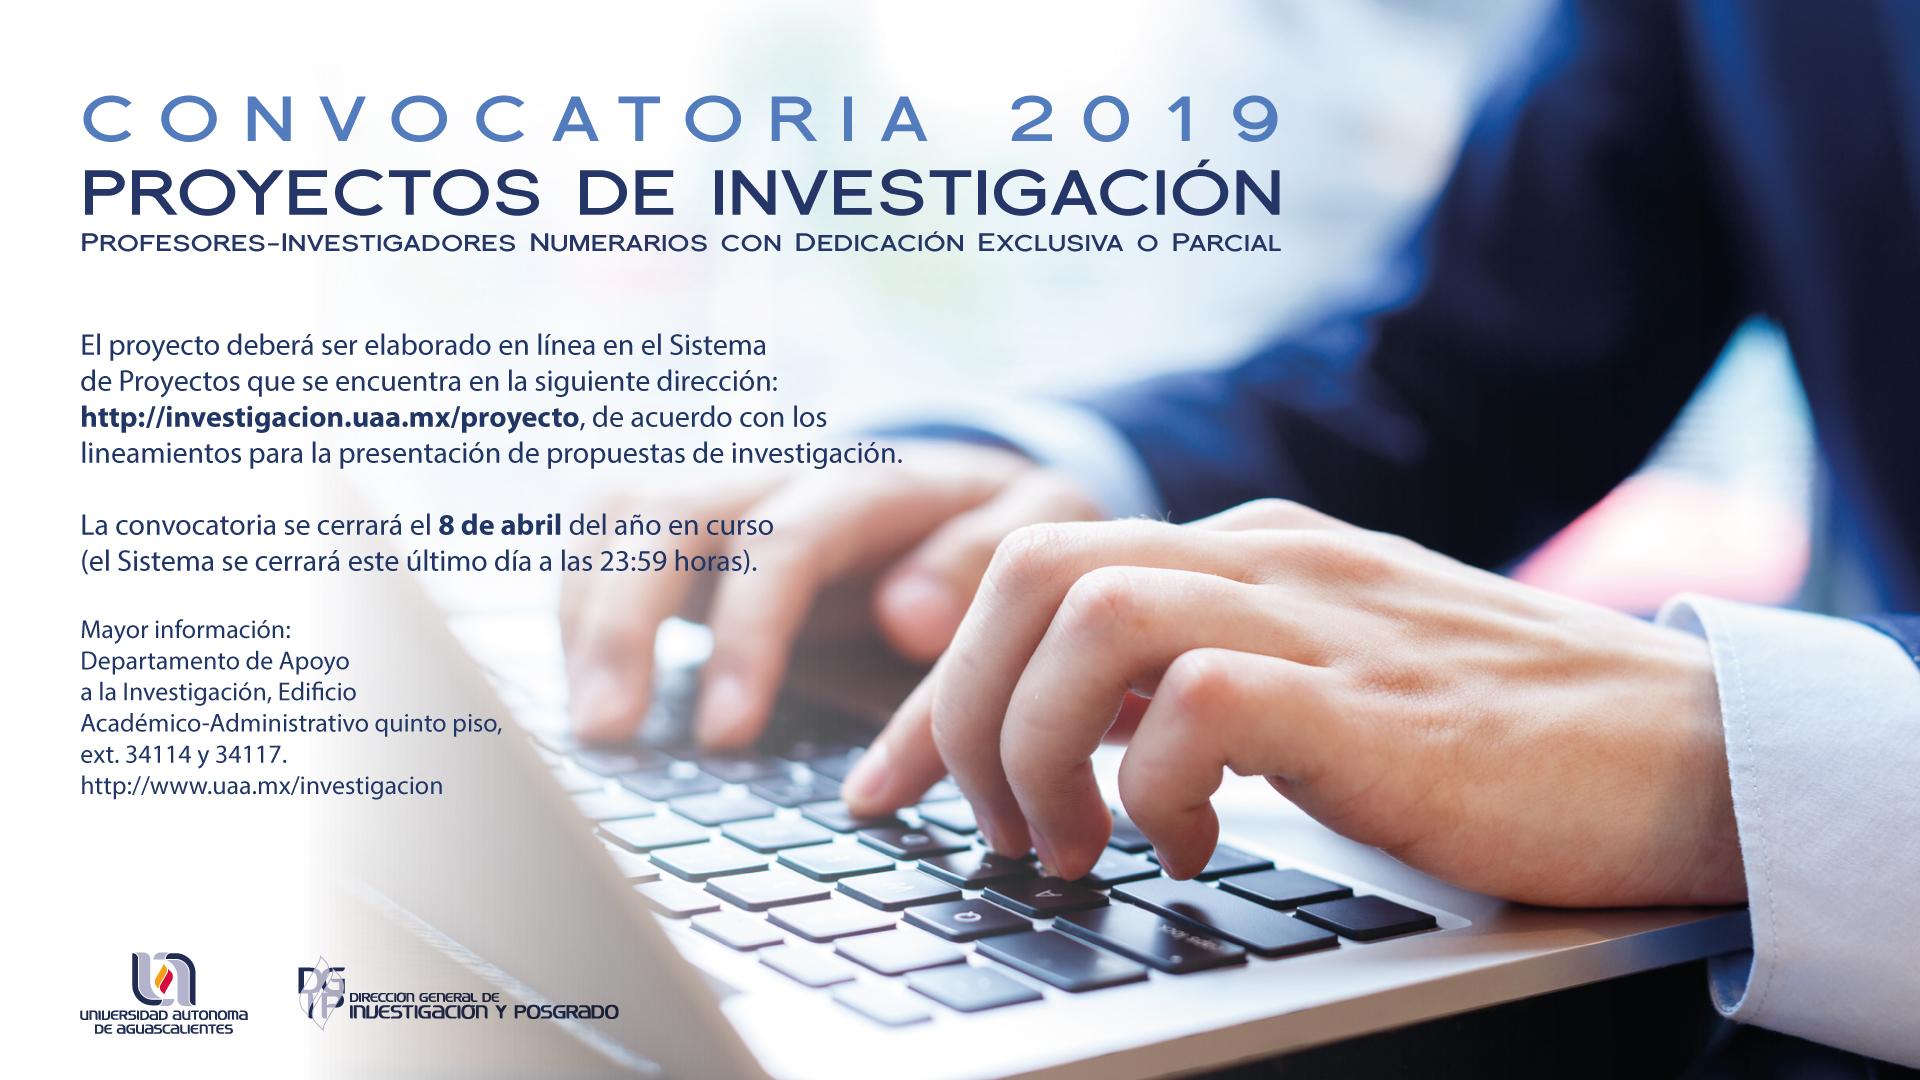 Proyectos de investigación – Convocatoria 2019